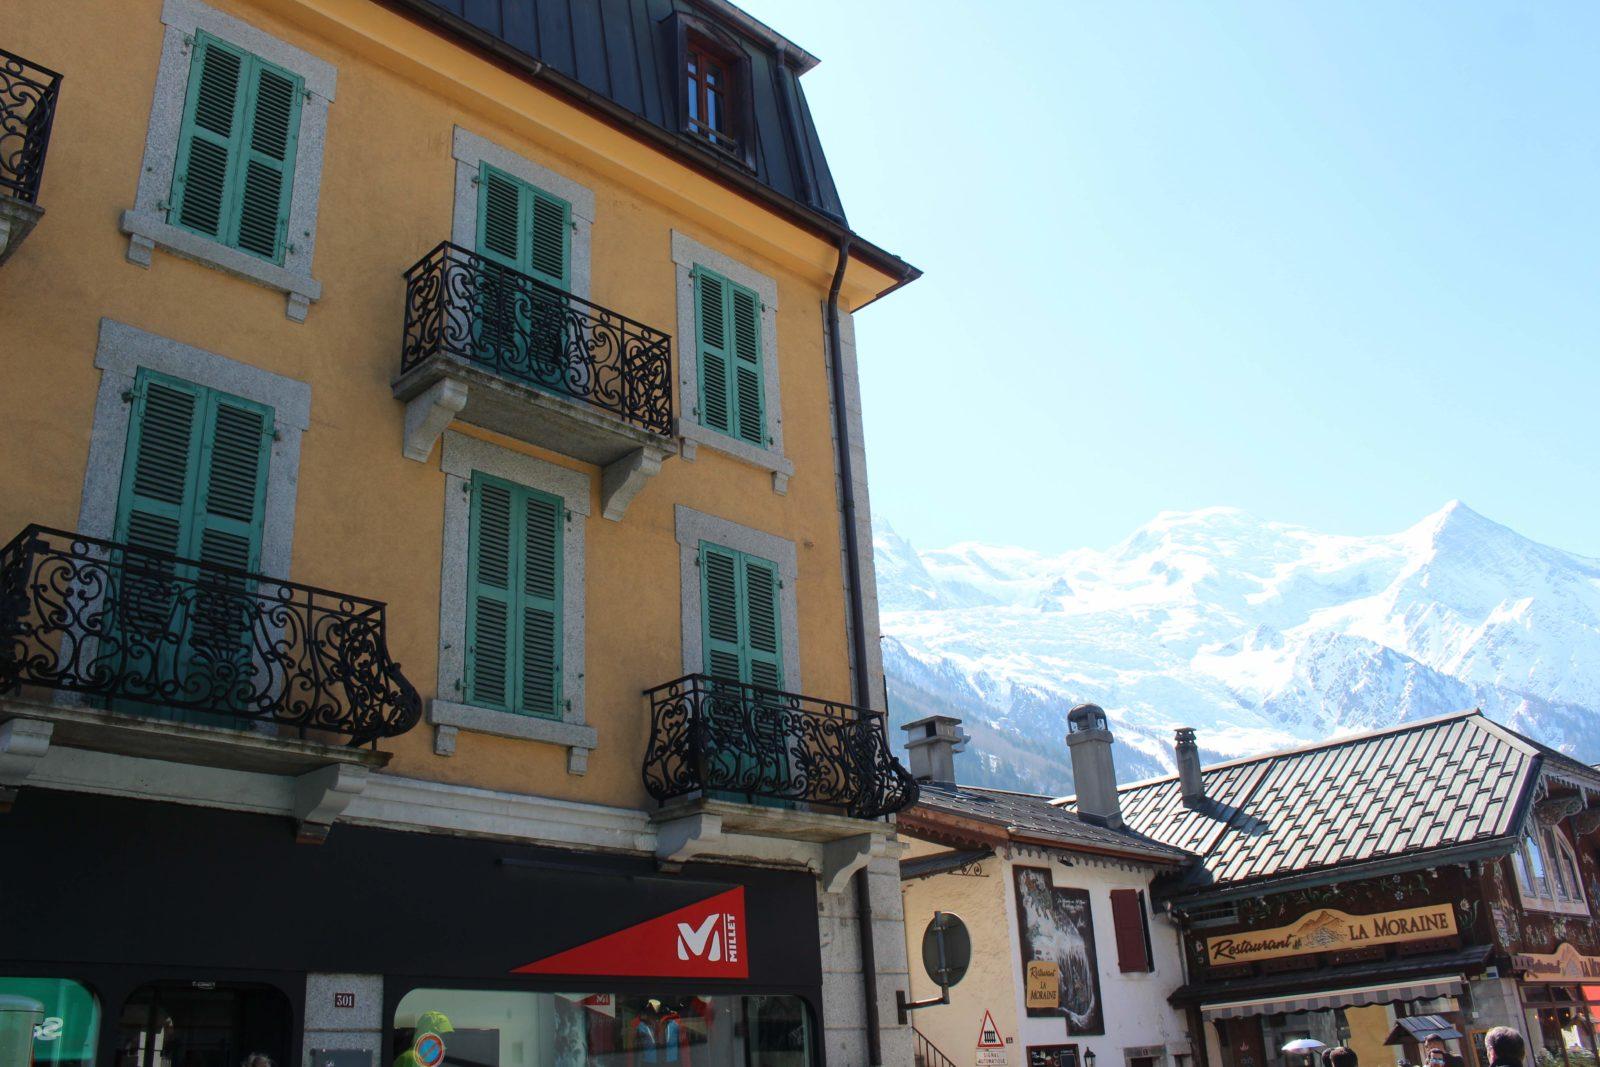 Chamonix maison typique avec mont-blanc